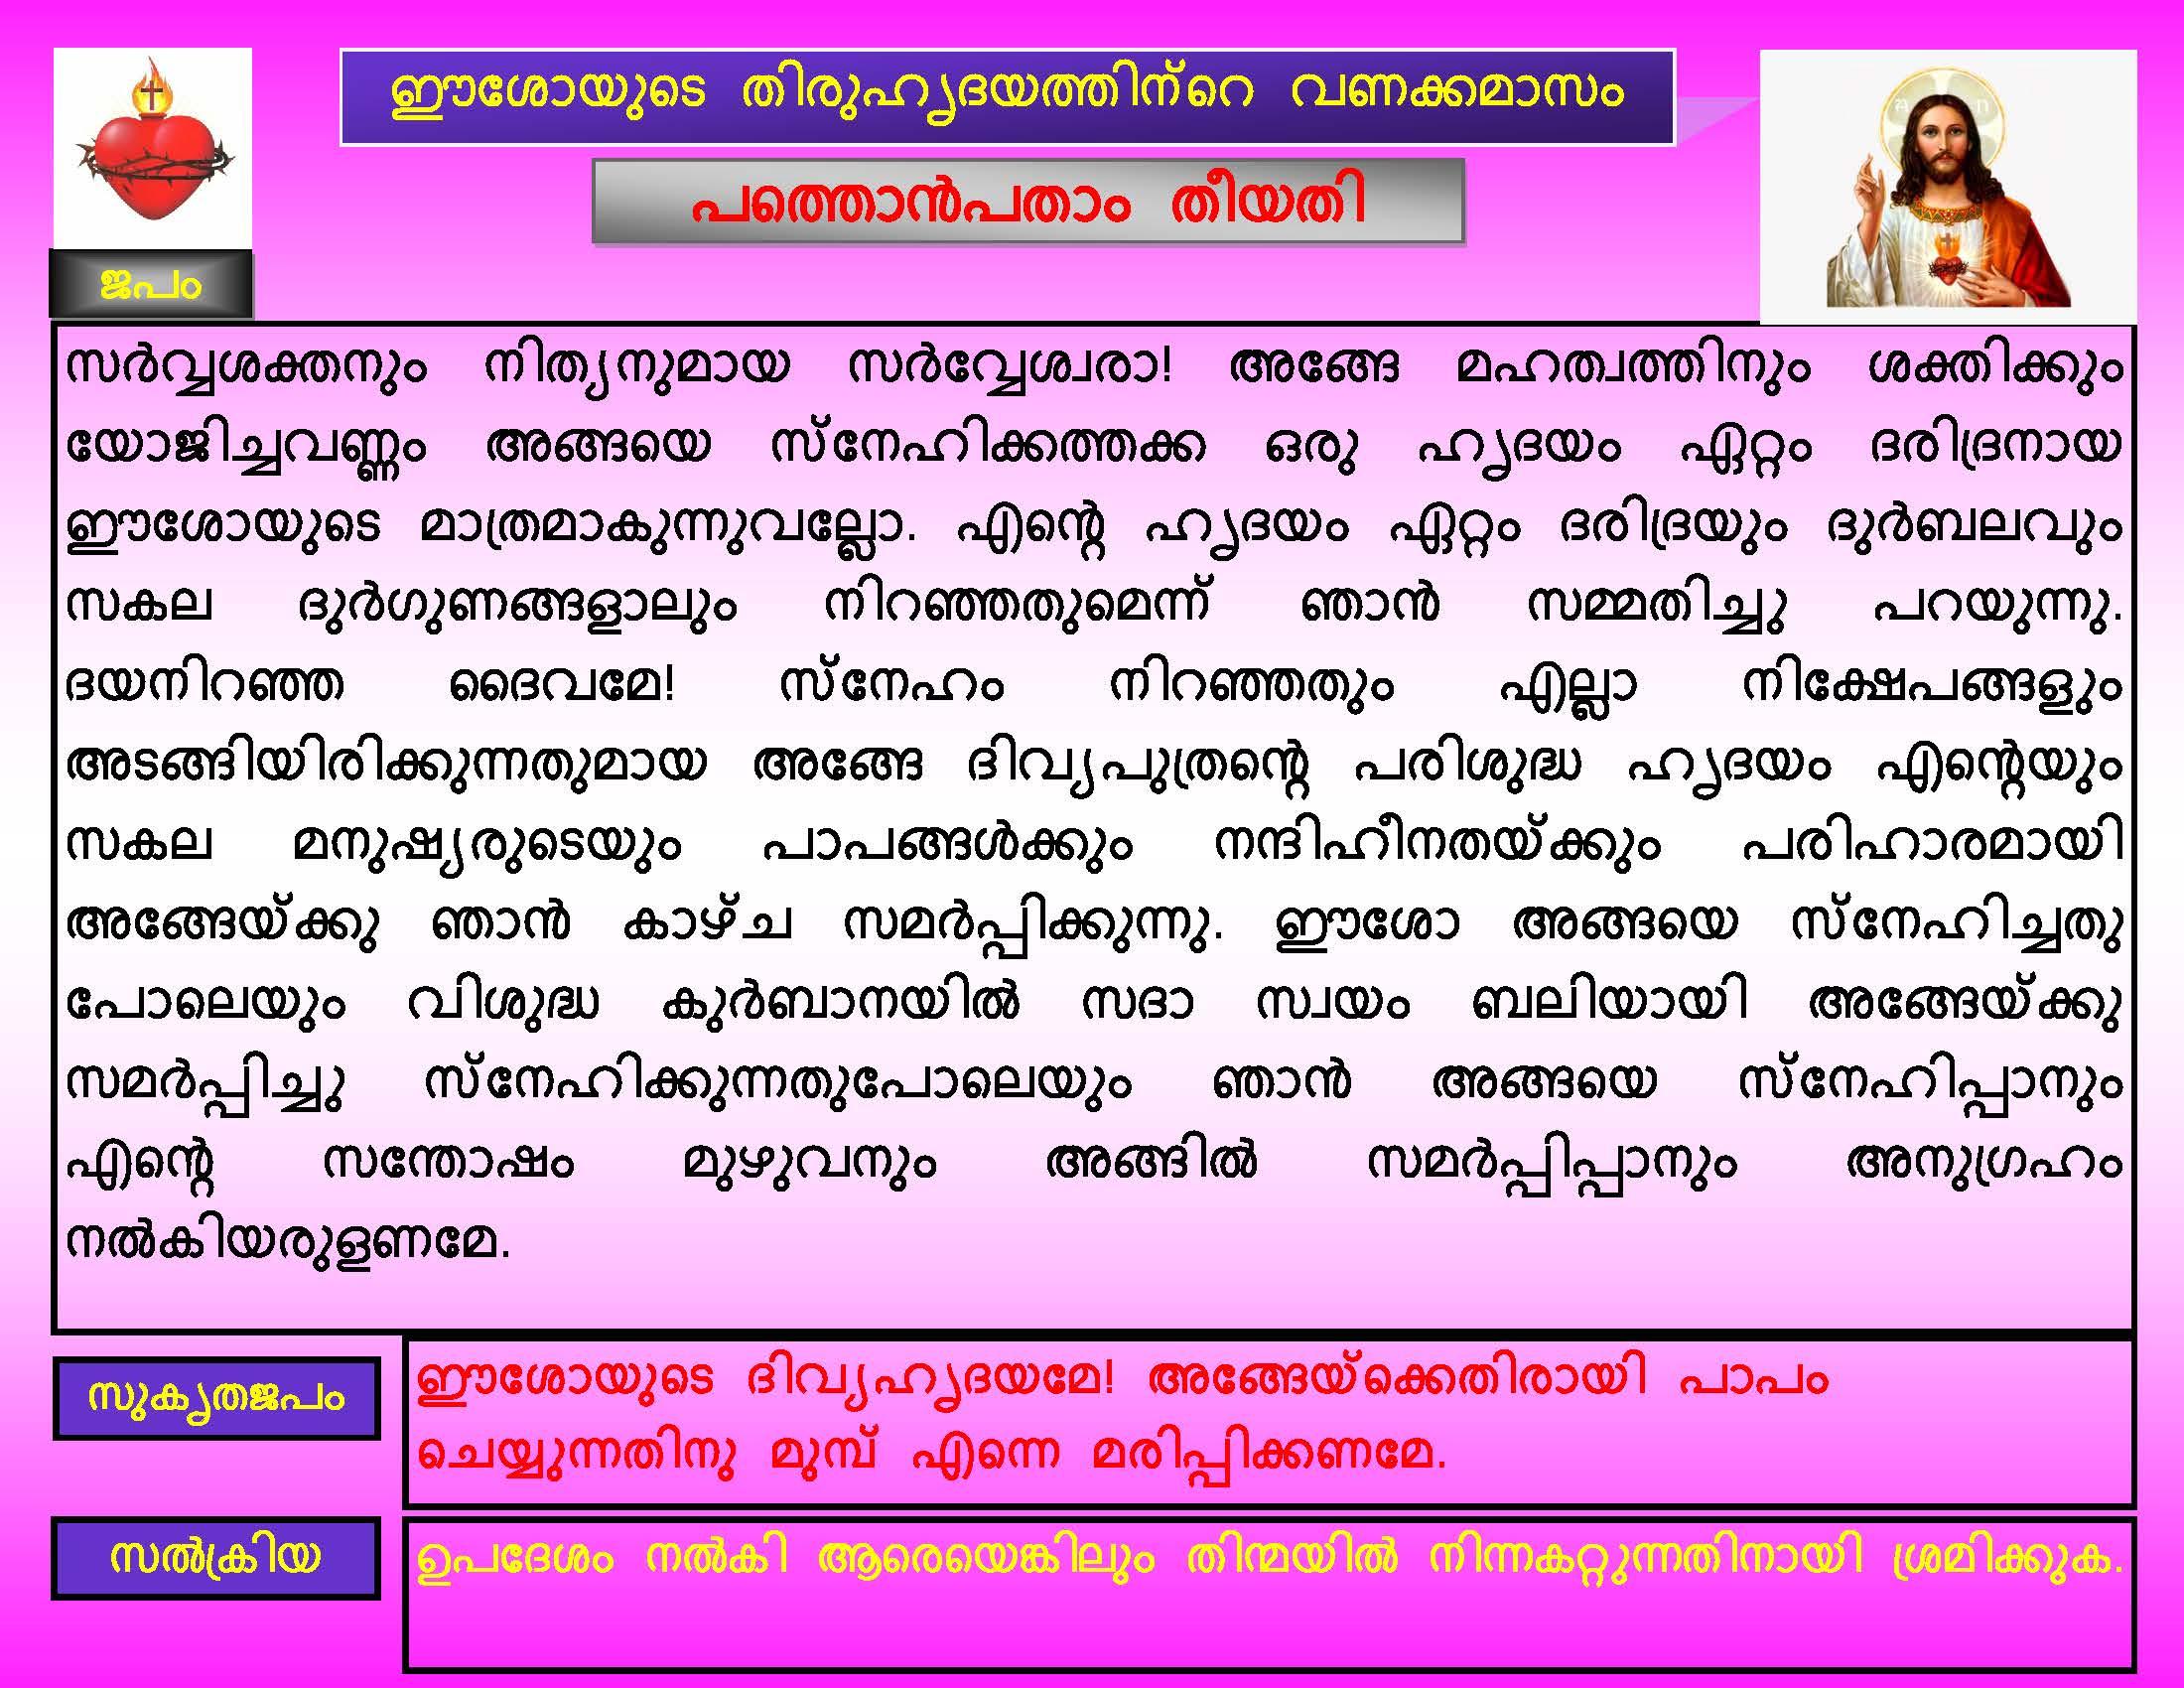 Thiruhrudaya Vanakkamasam - Day 19